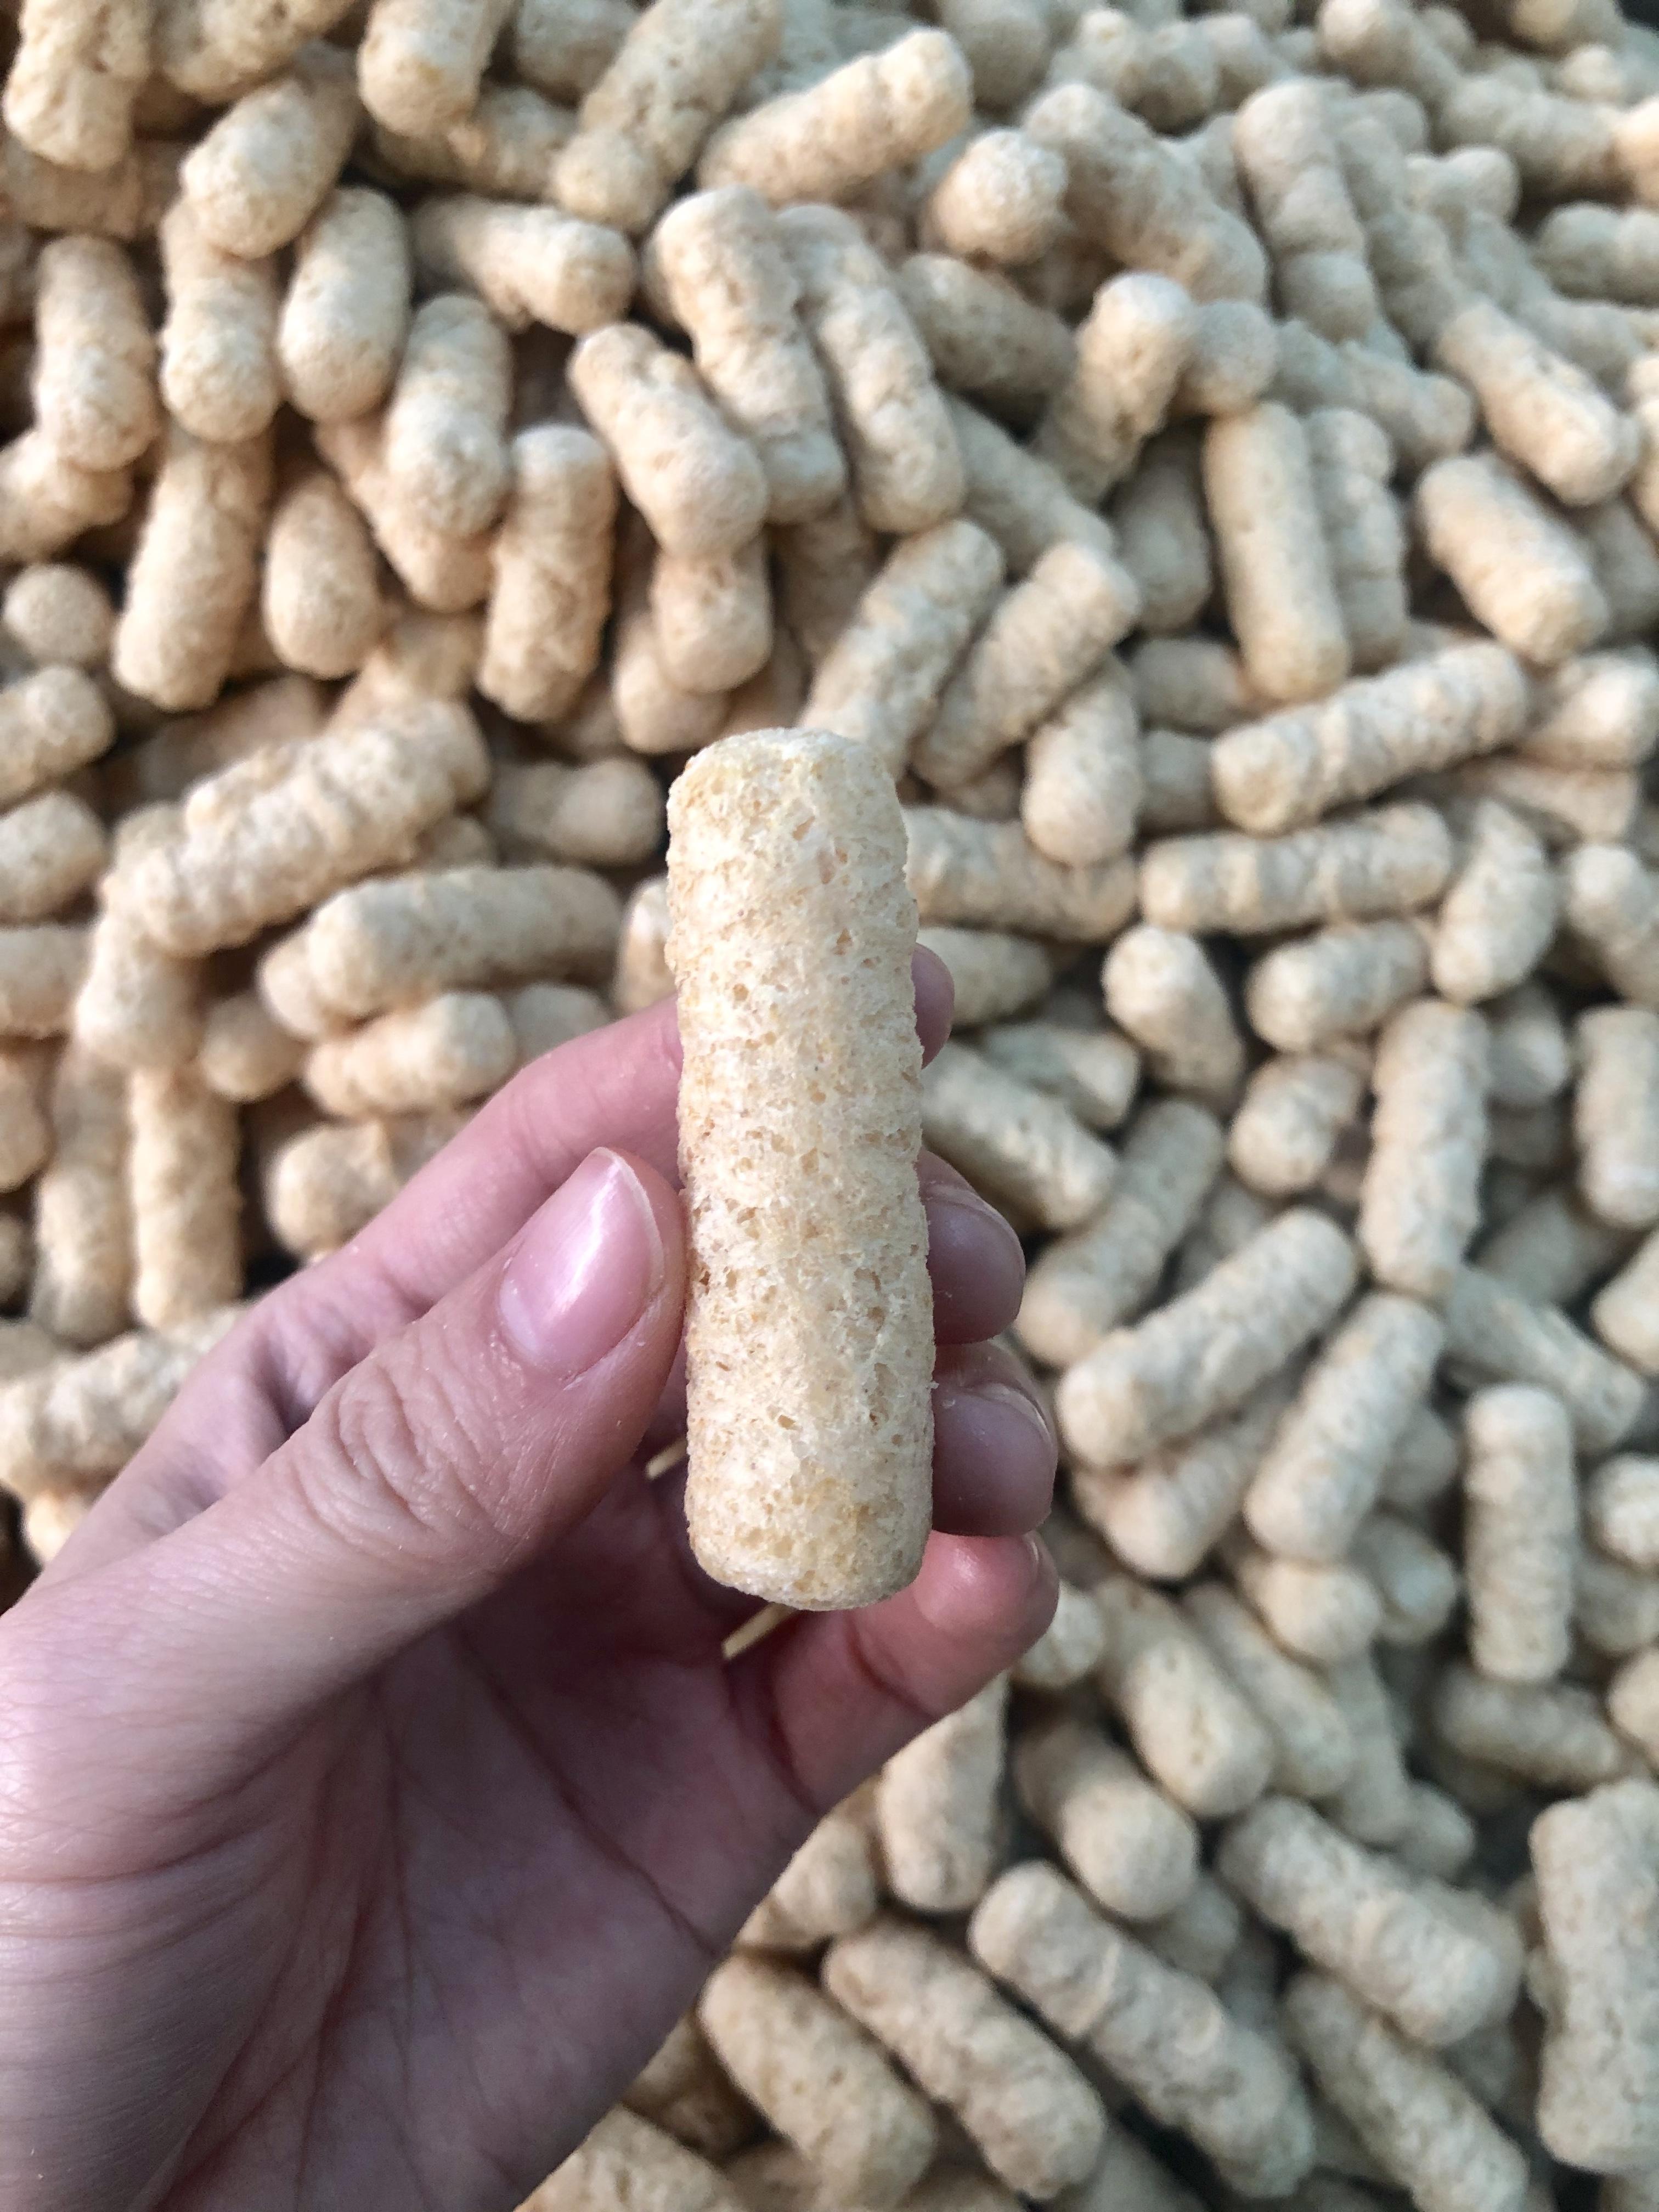 corn snack food machine line